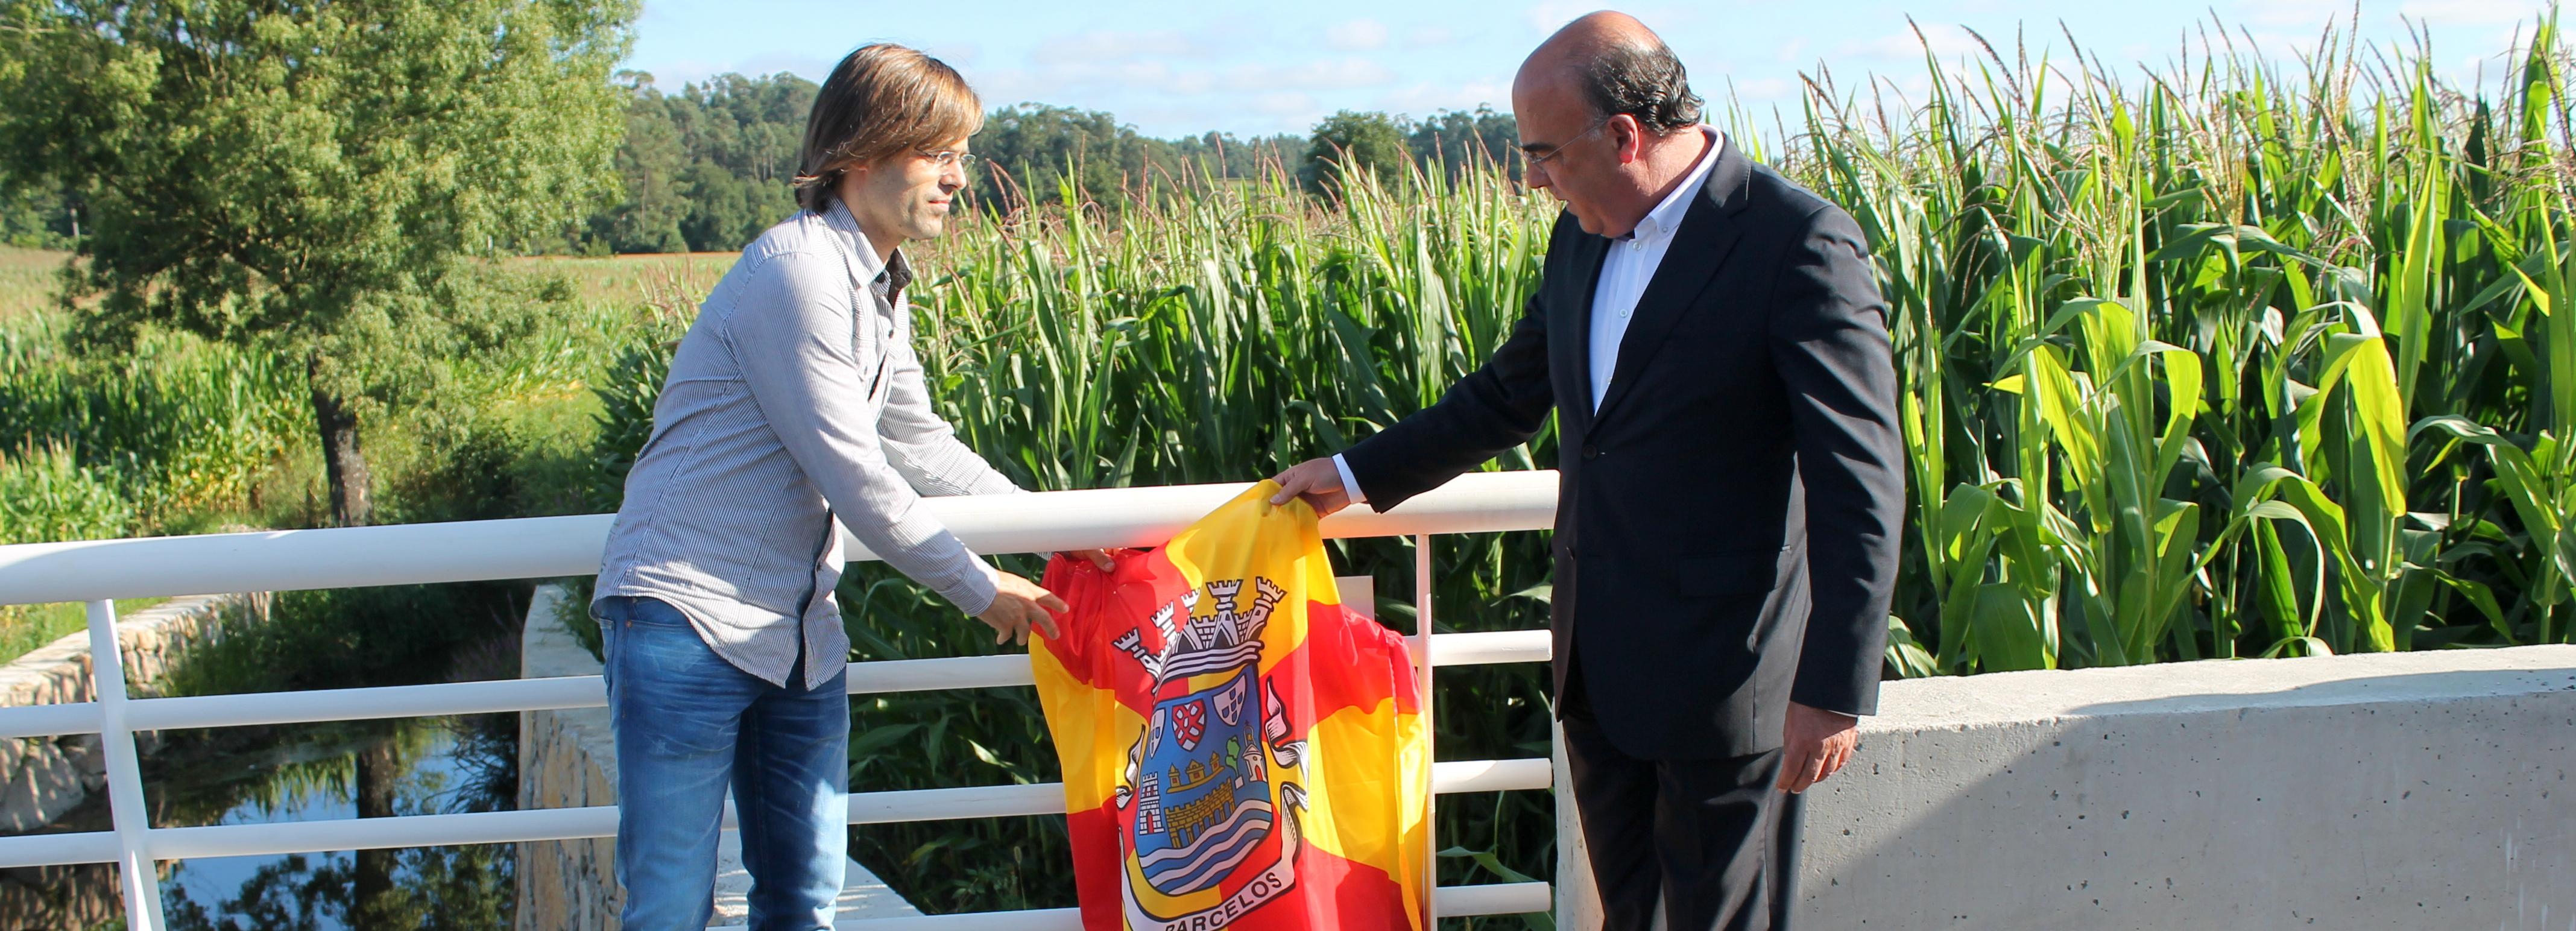 Presidente da Câmara inaugurou reconstrução da ponte do Picoto em Macieira de Rates